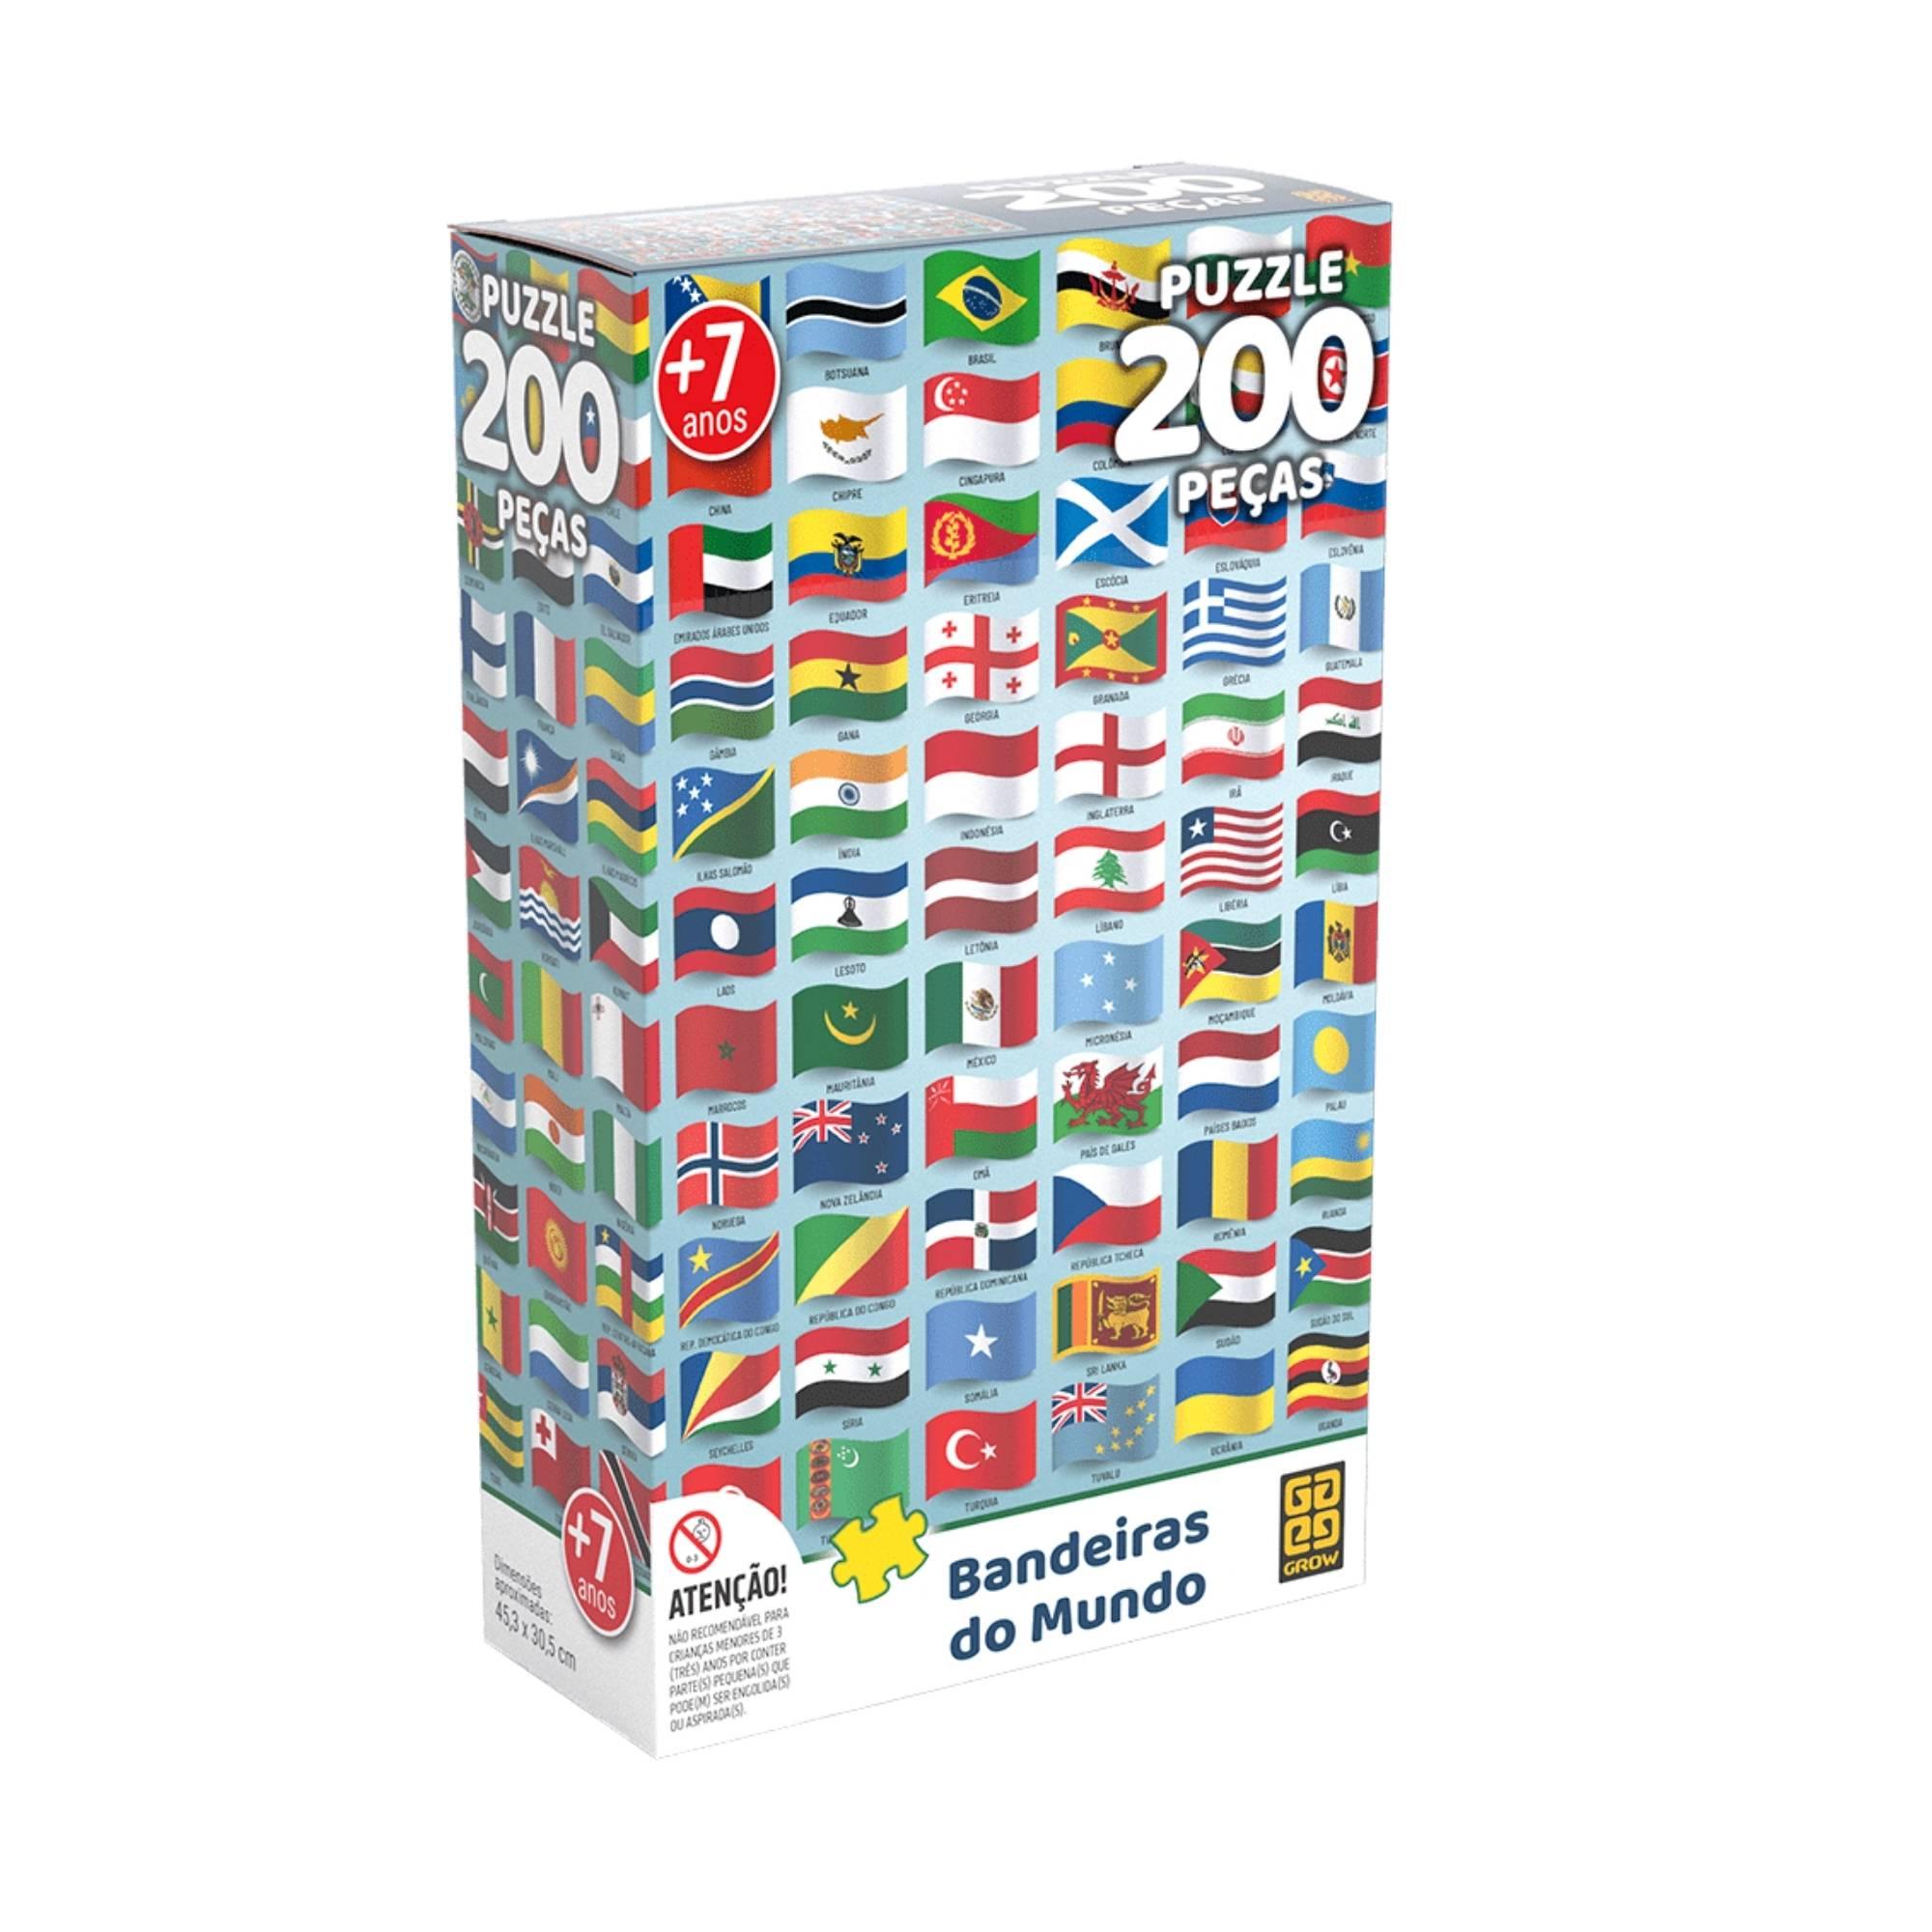 Quebra-cabeça Bandeiras do Mundo 200 peças - Grow